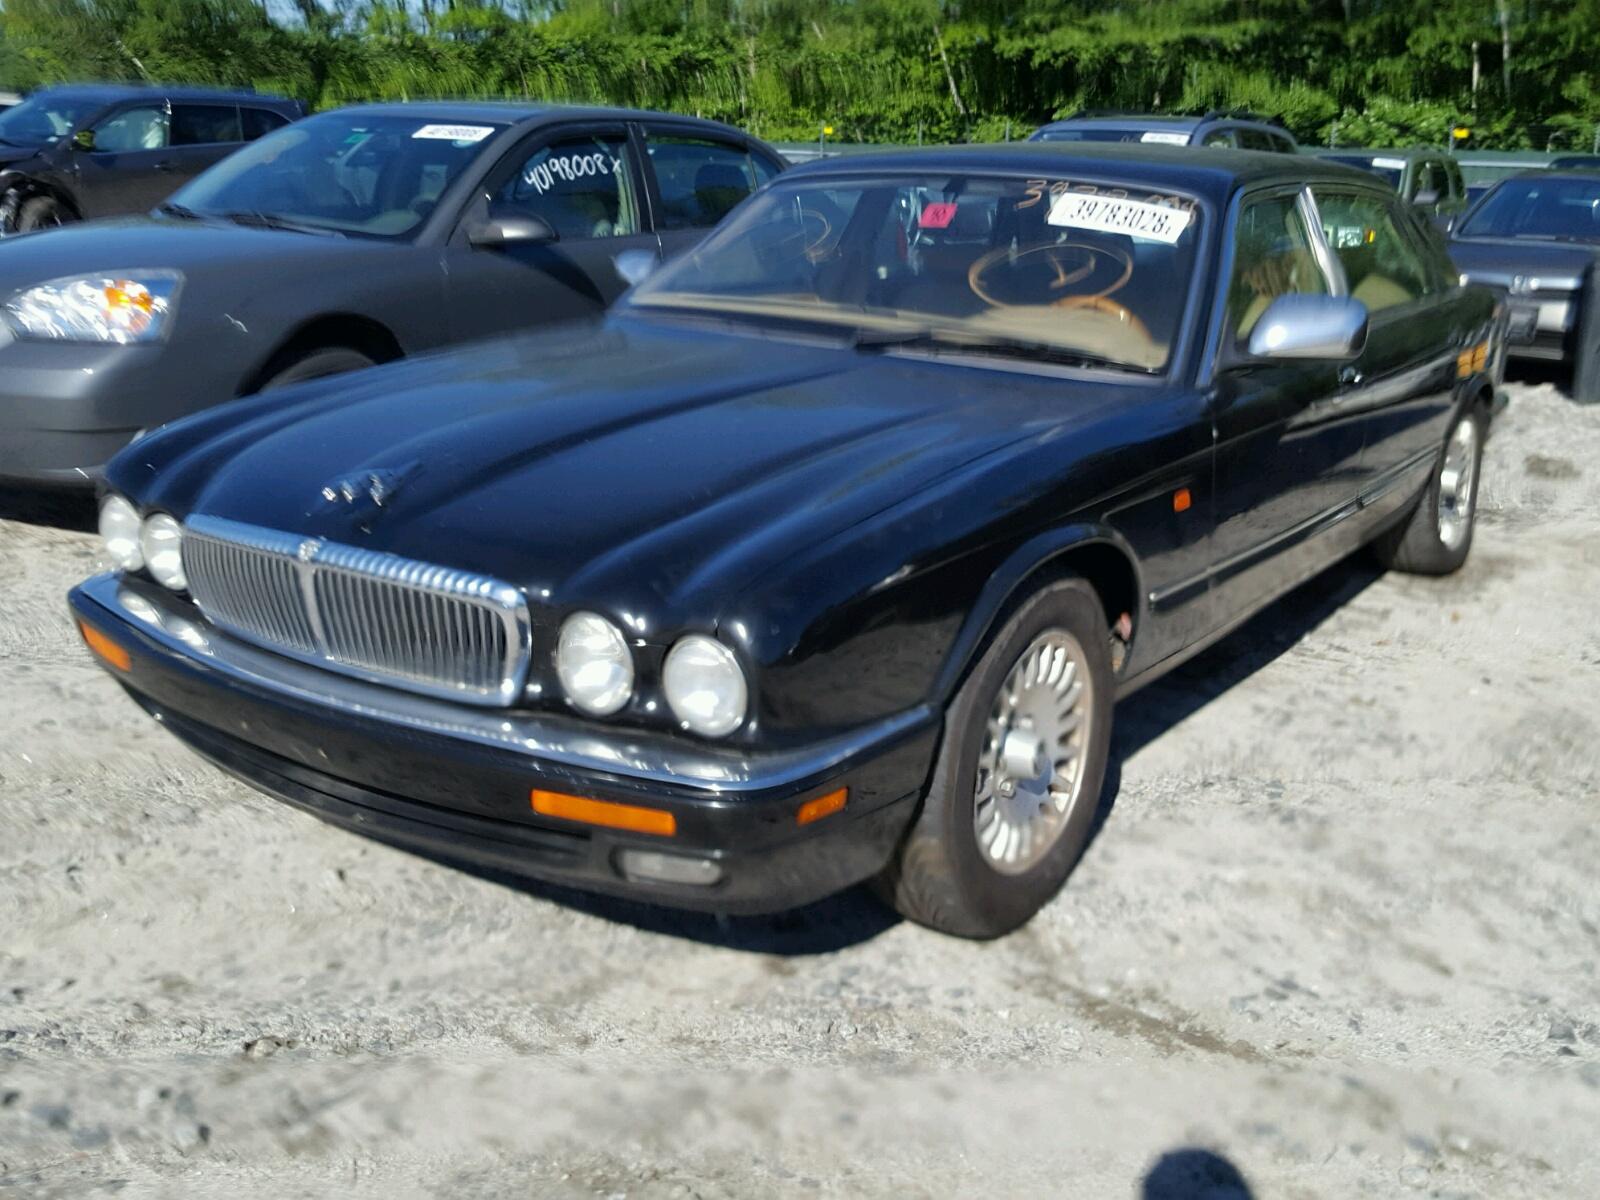 Sajkx6741tc766596 1996 Black Jaguar Vandenplas On Sale In Nh Xj6 Vanden Plas 40l Right View